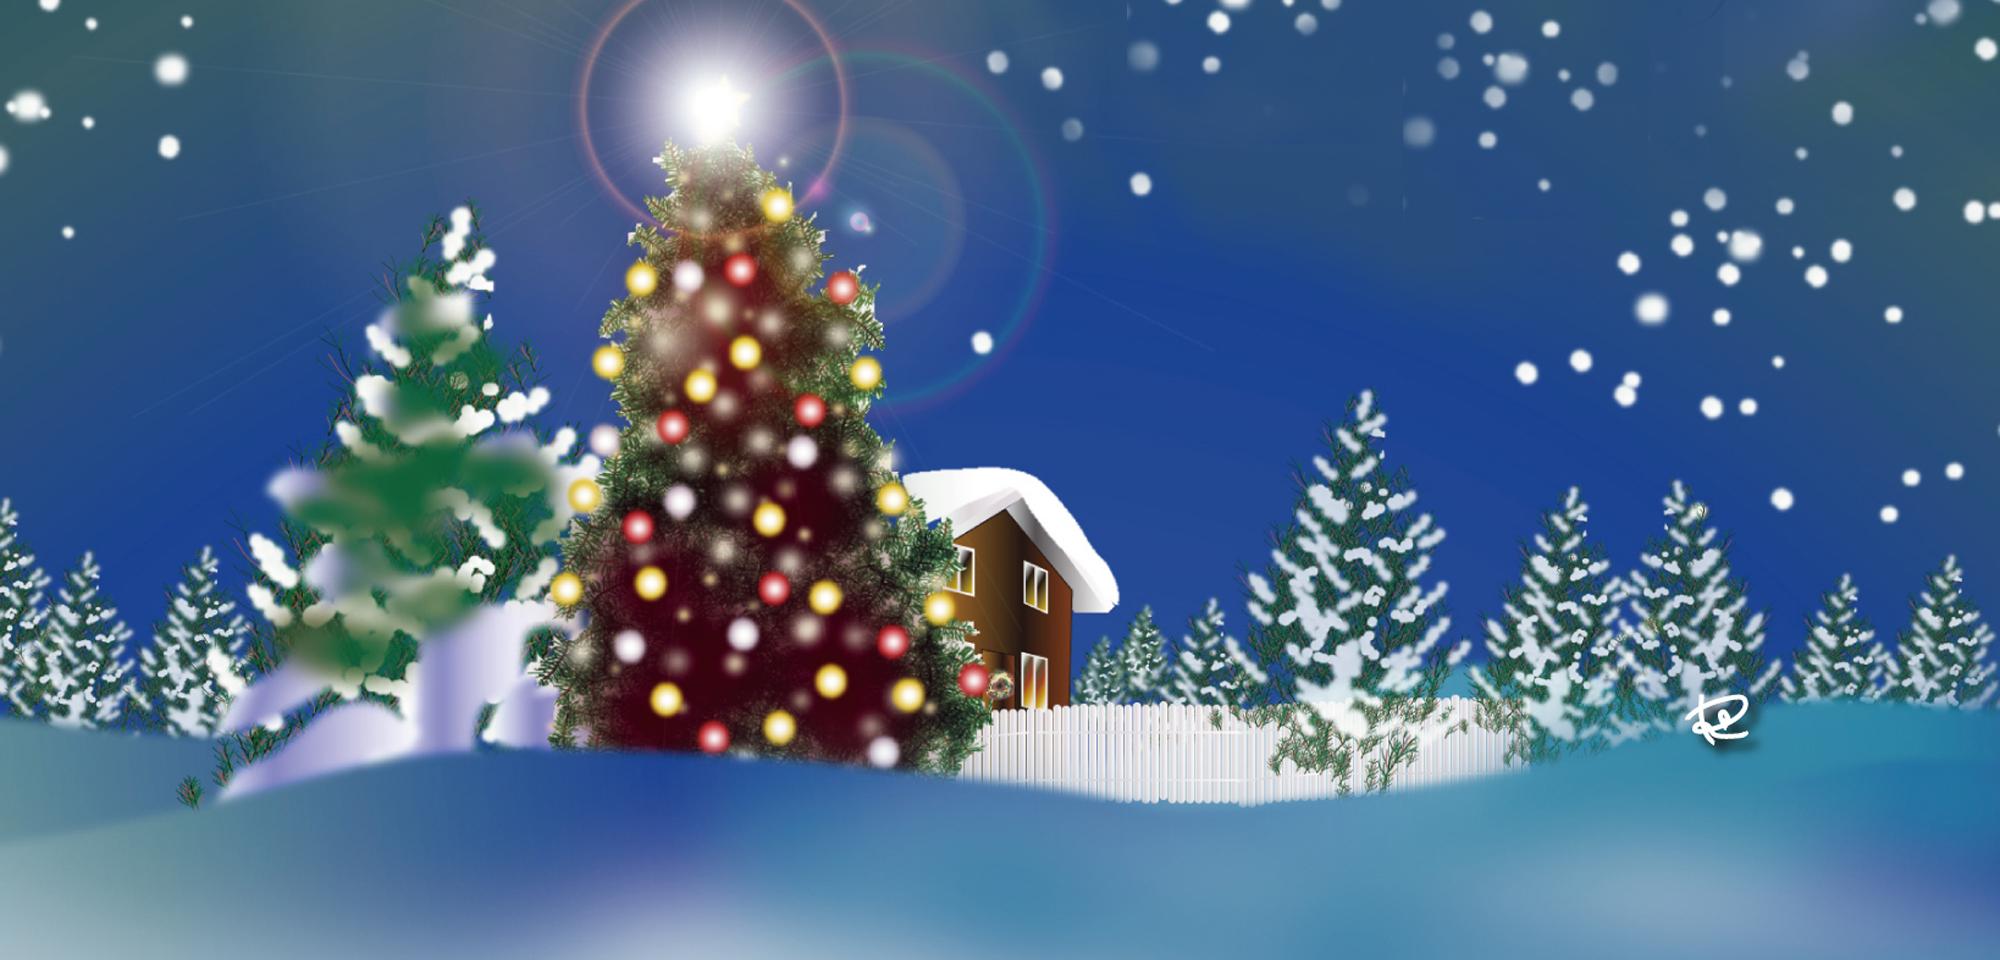 クリスマスカード雪景色